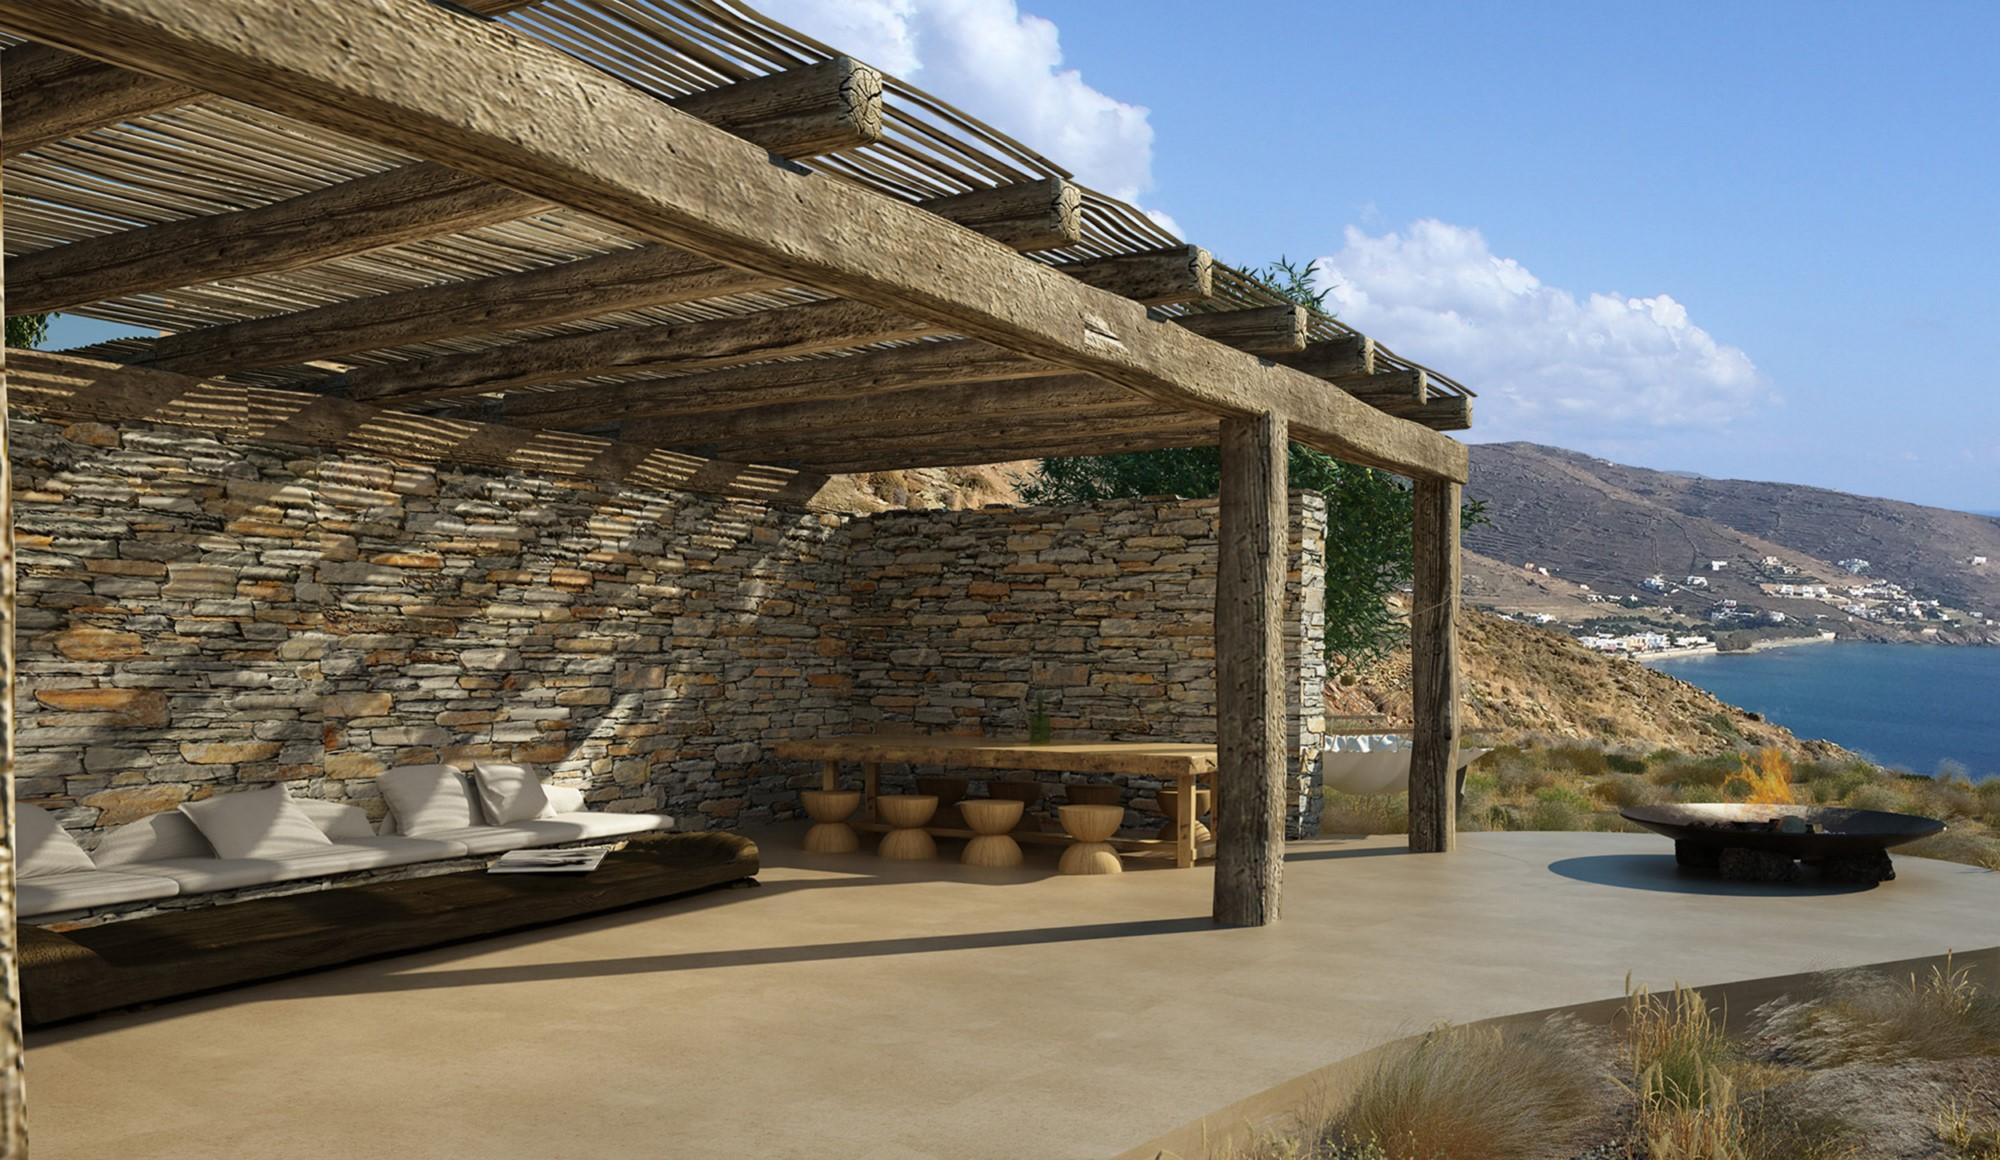 Superbe villa moderne à vendre sur l'ile de Kythnos en Grèce, avec vue sur la mer Egée